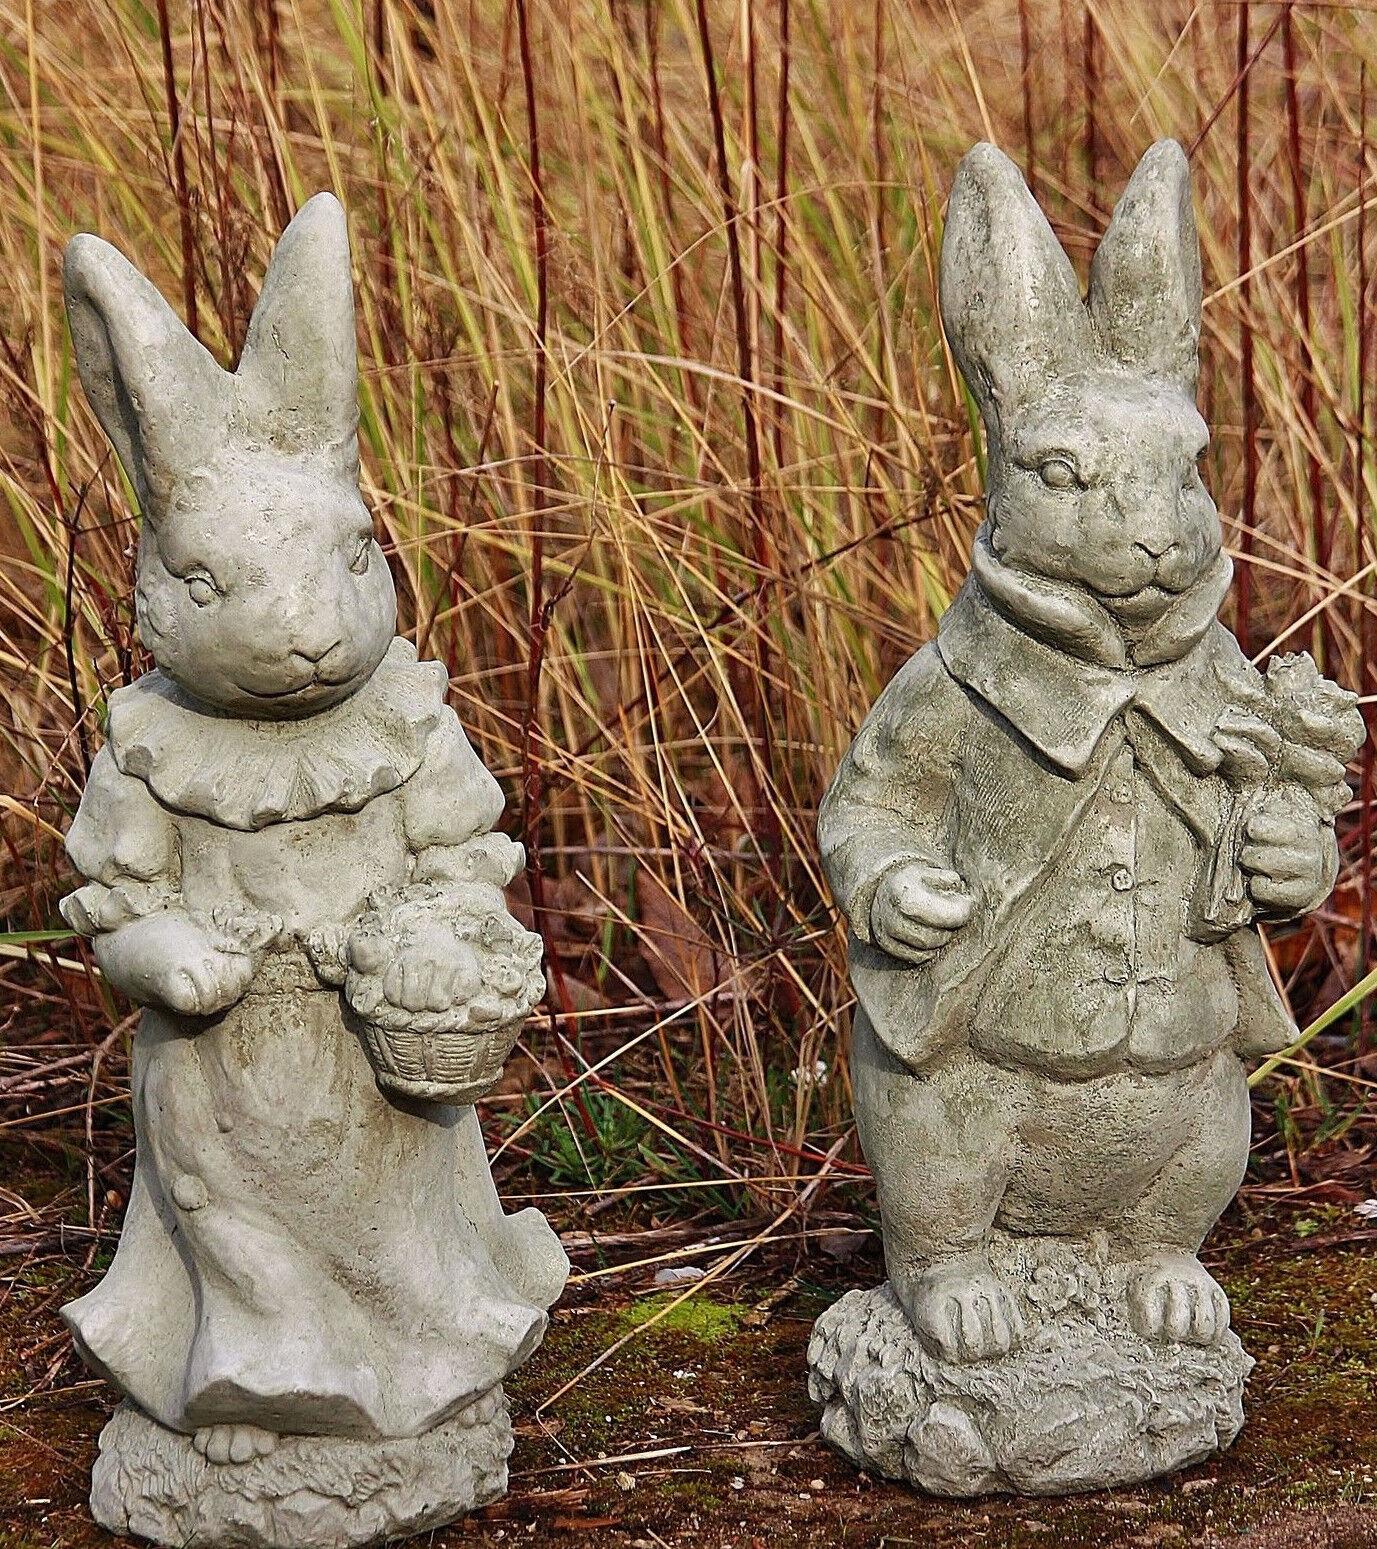 Dos liebres como set, piedra fundición, señor & mujer conejo, nuevo, Frost Festival, figuras su-2147